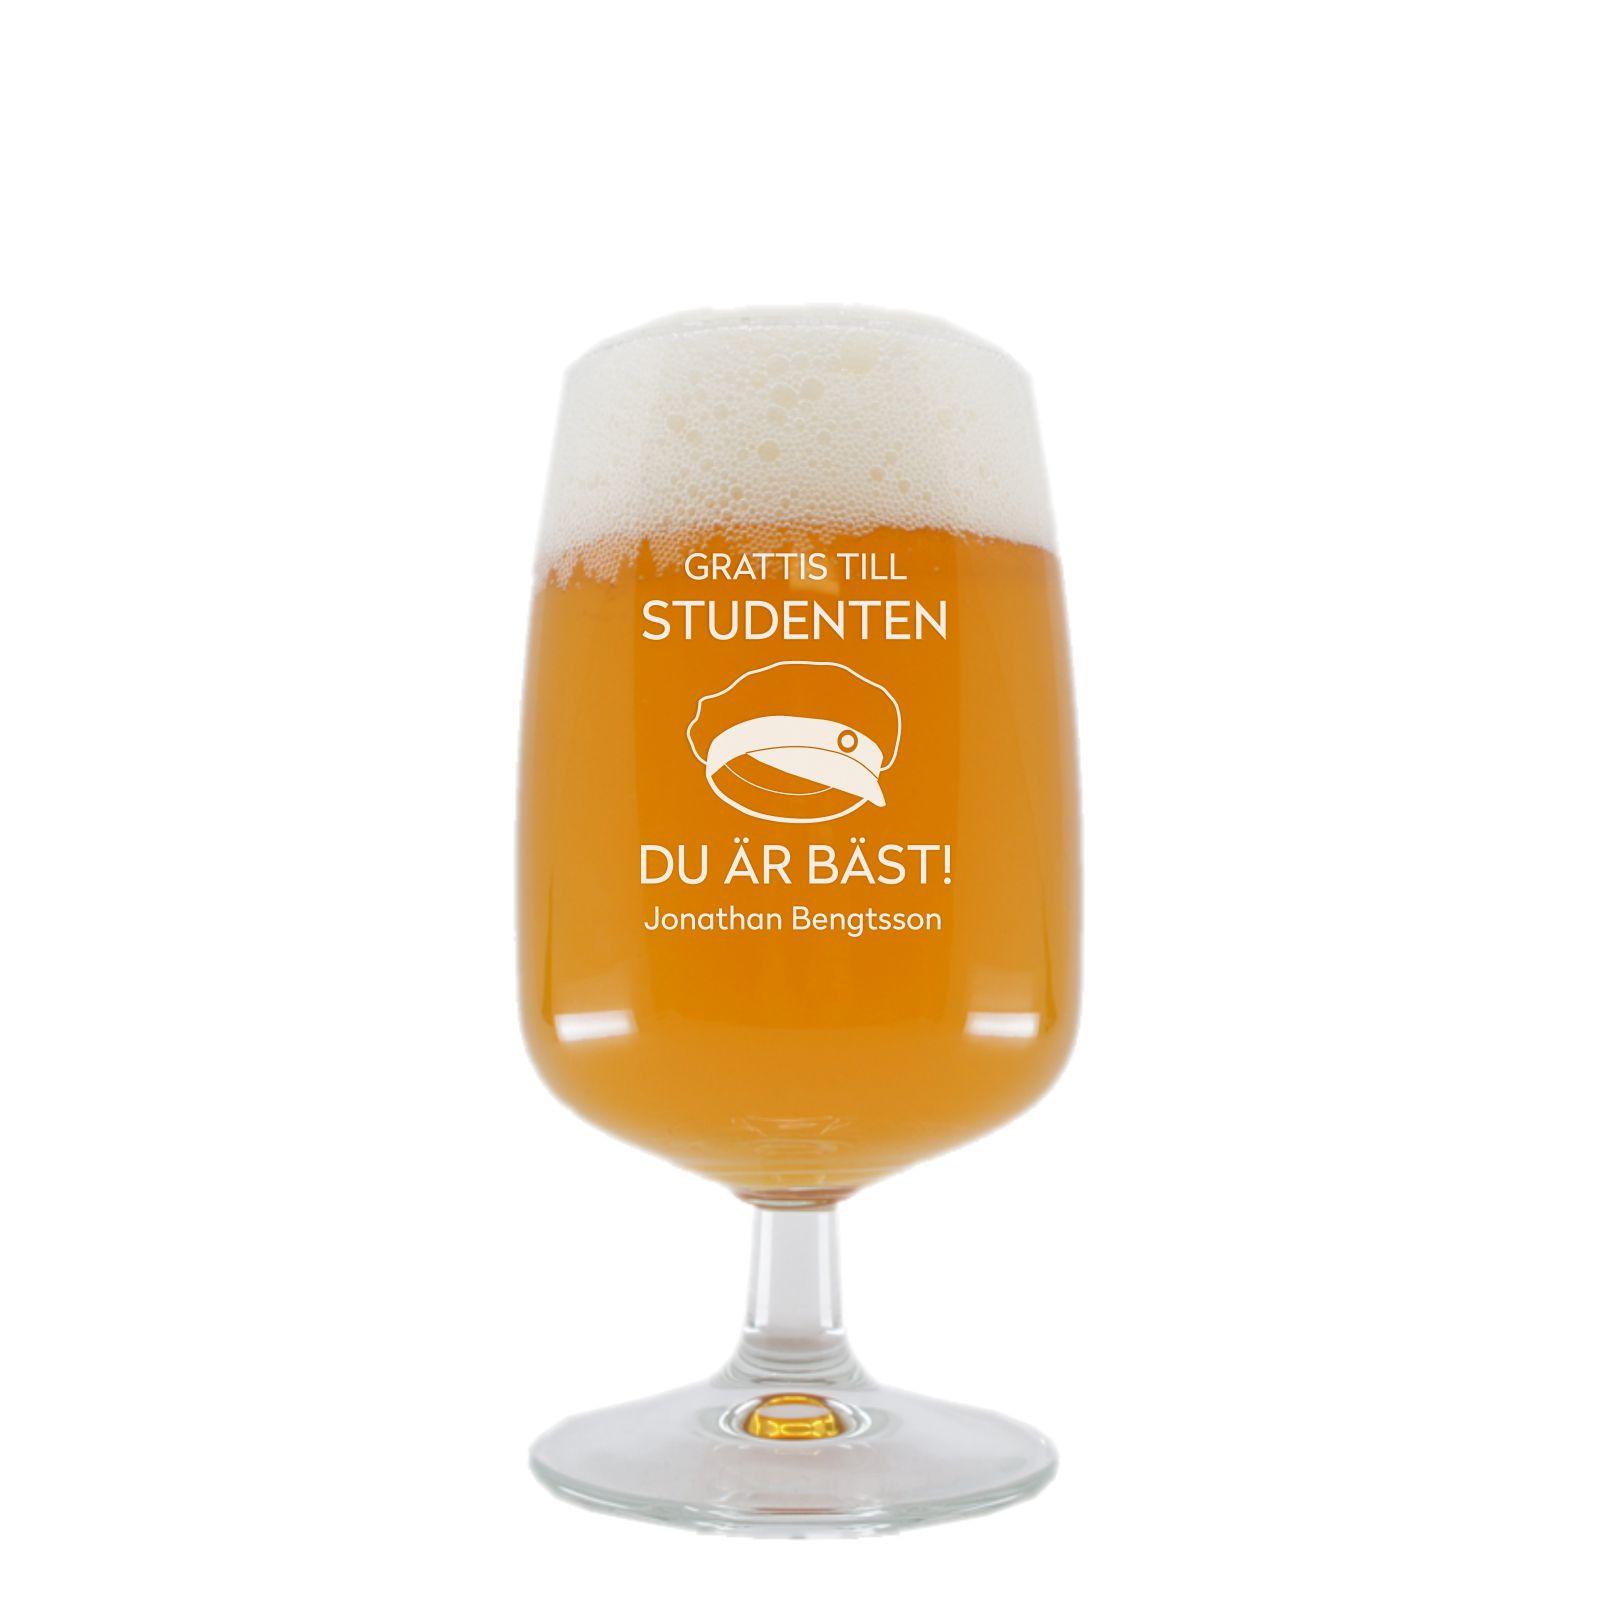 Ölglas med namn - Student